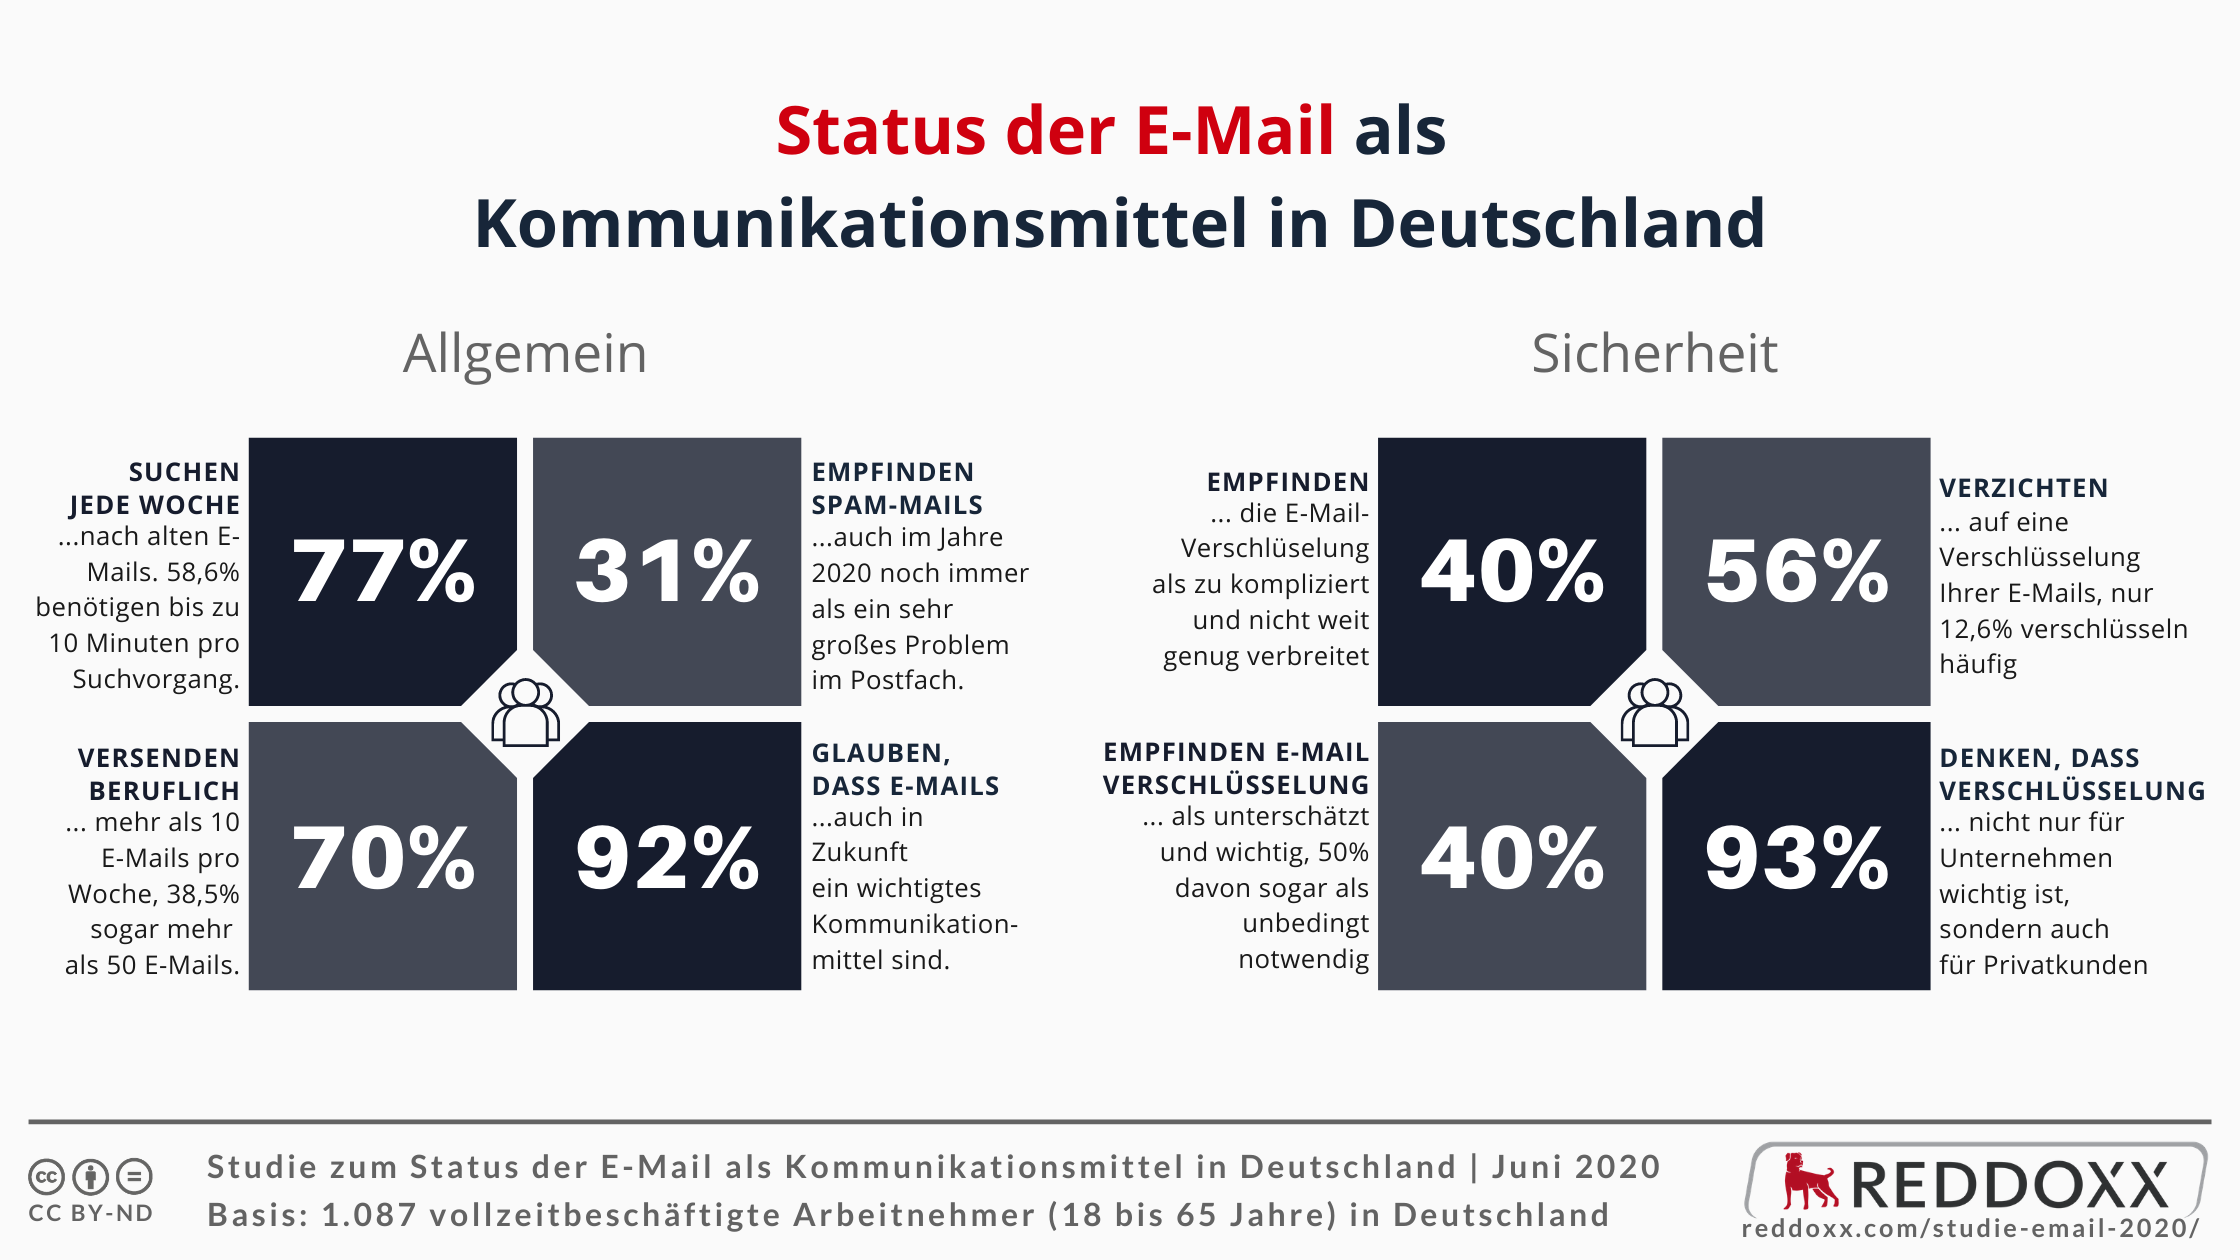 Status der E-Mail als Kommunikationsmittel in Deutschland